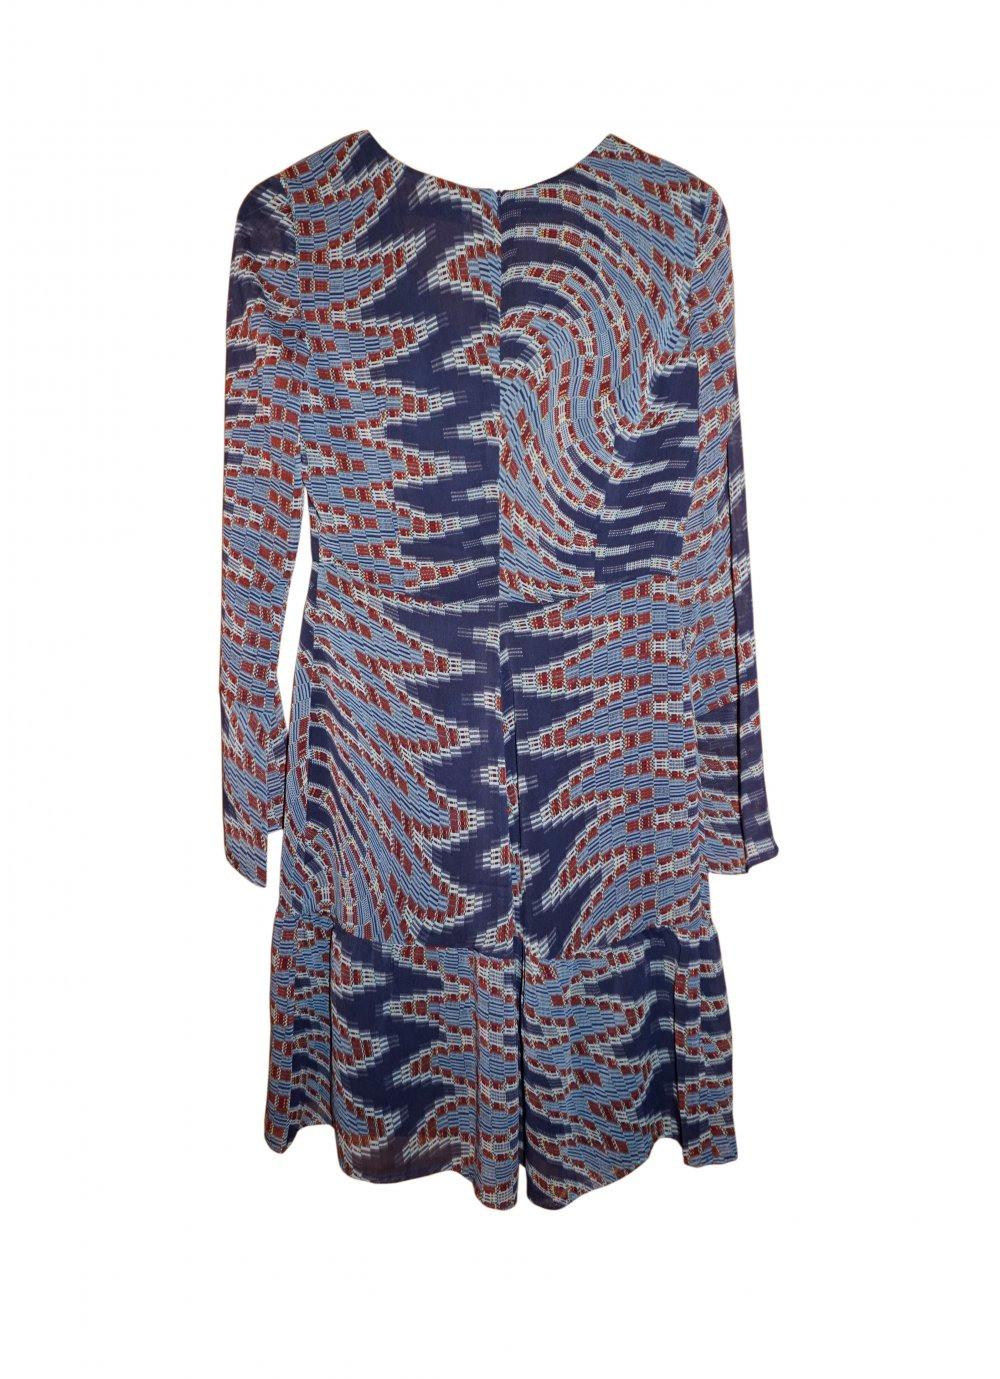 Edc  Edcesprit Kleid Sommerkleid Partykleid Gr 32